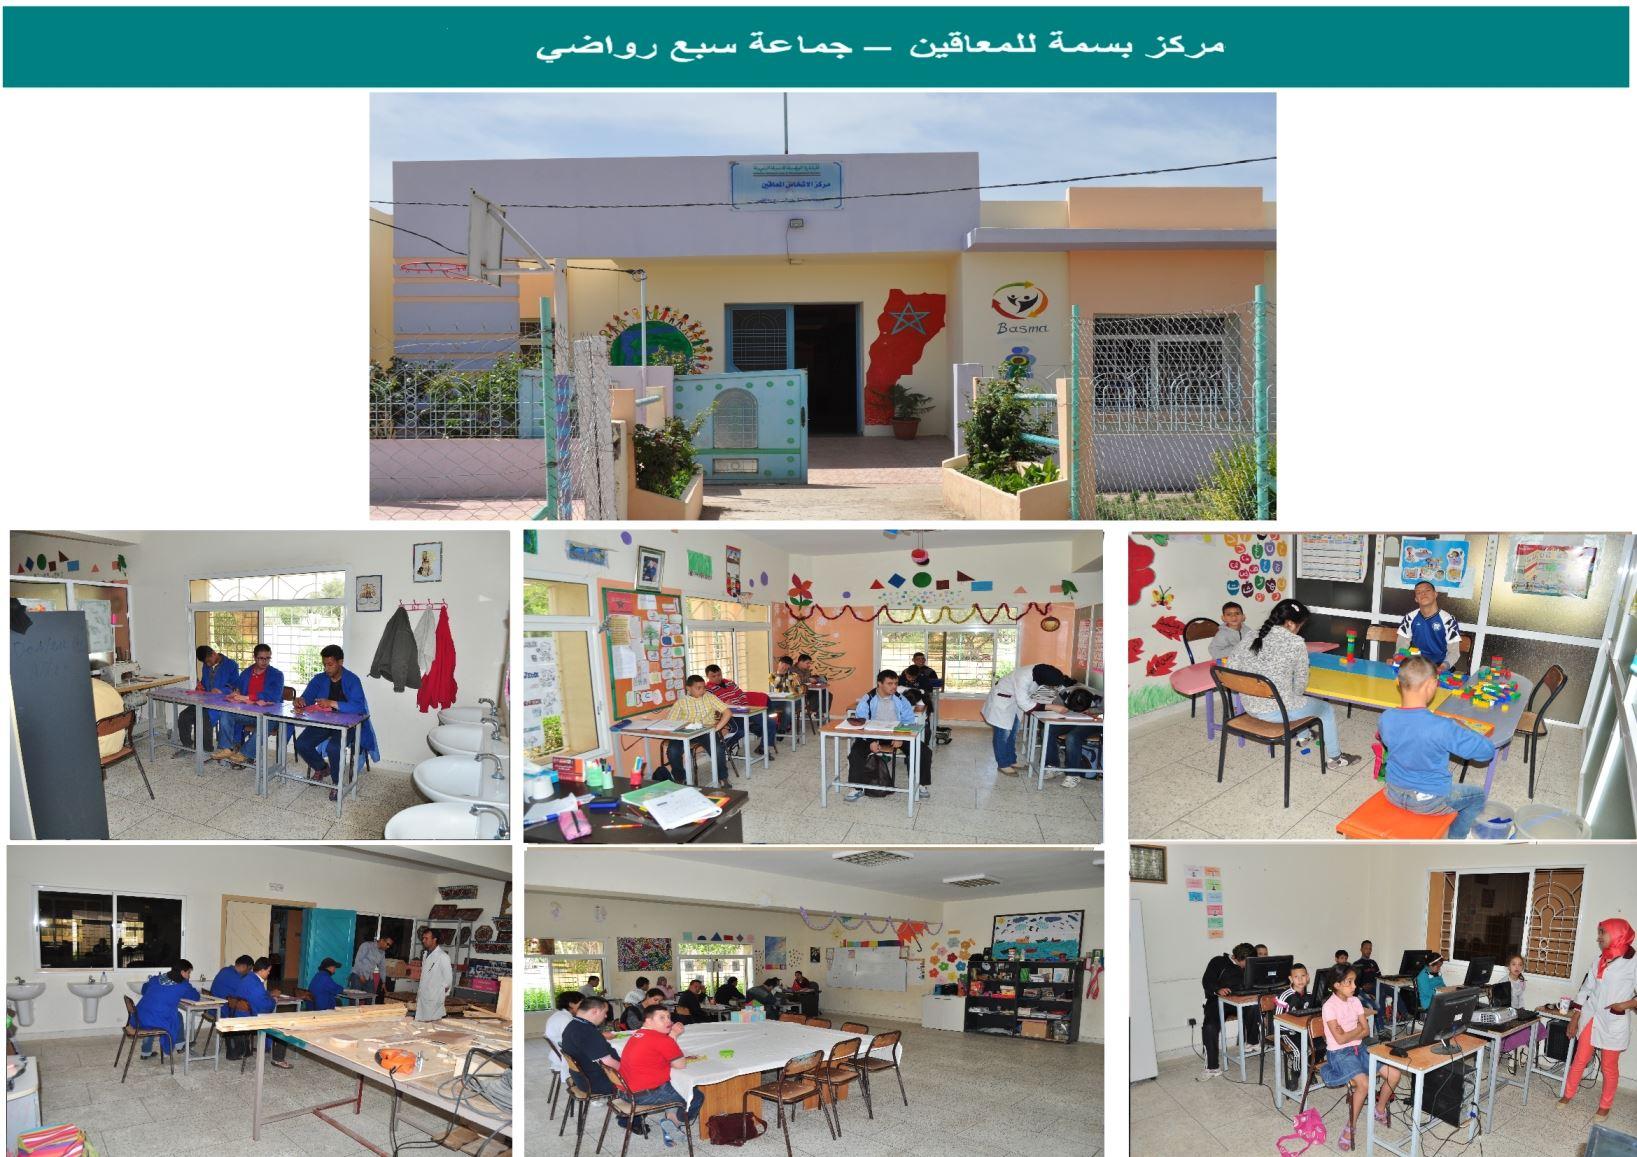 Centre Basma